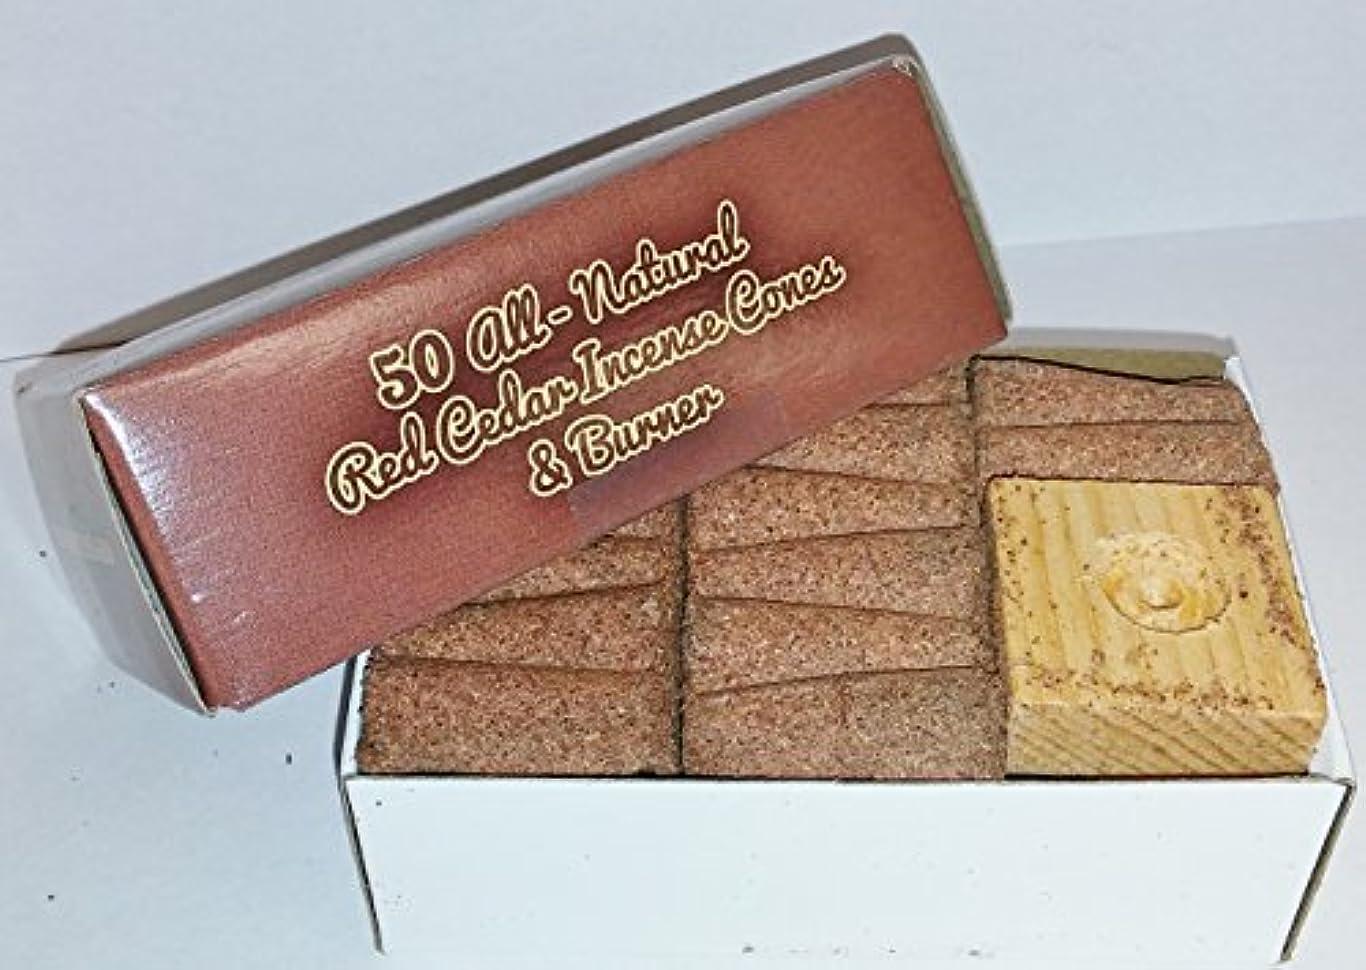 聖なる前なかなかIncense & Burner Comes w/50 Red Cedar Cones Paineの木製ホルダーLodgeスタイル